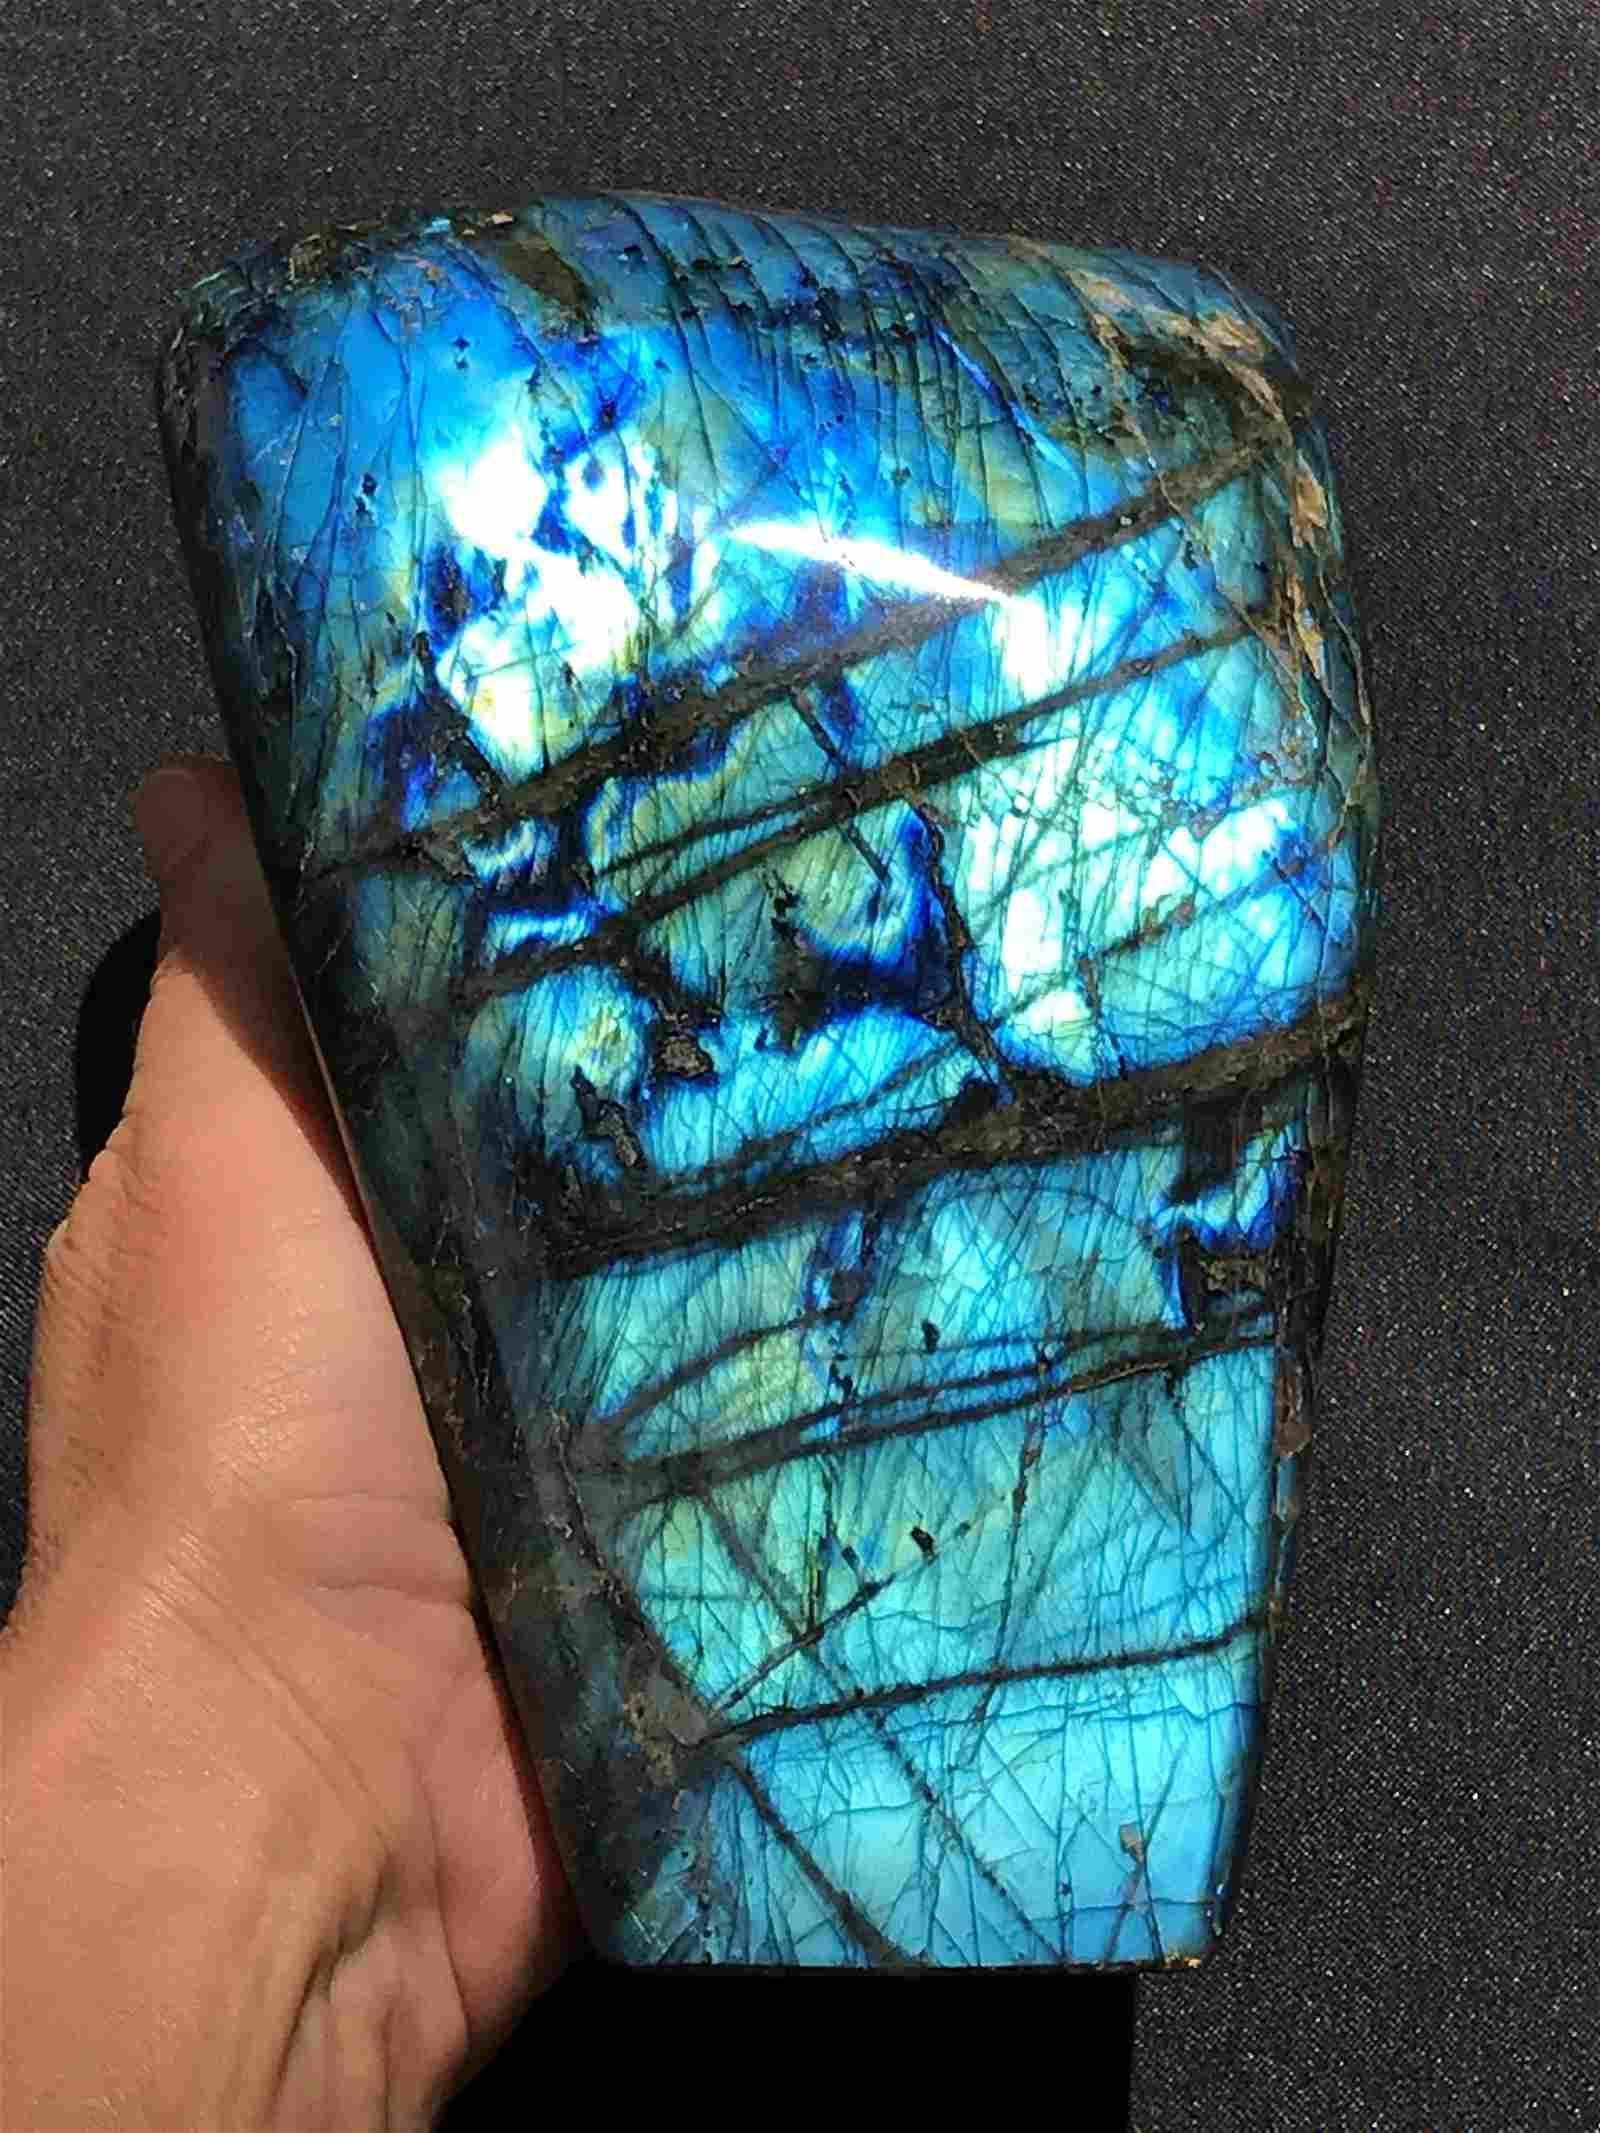 Rock, Crystal, Natural, Decor, Collectible, Labradorite